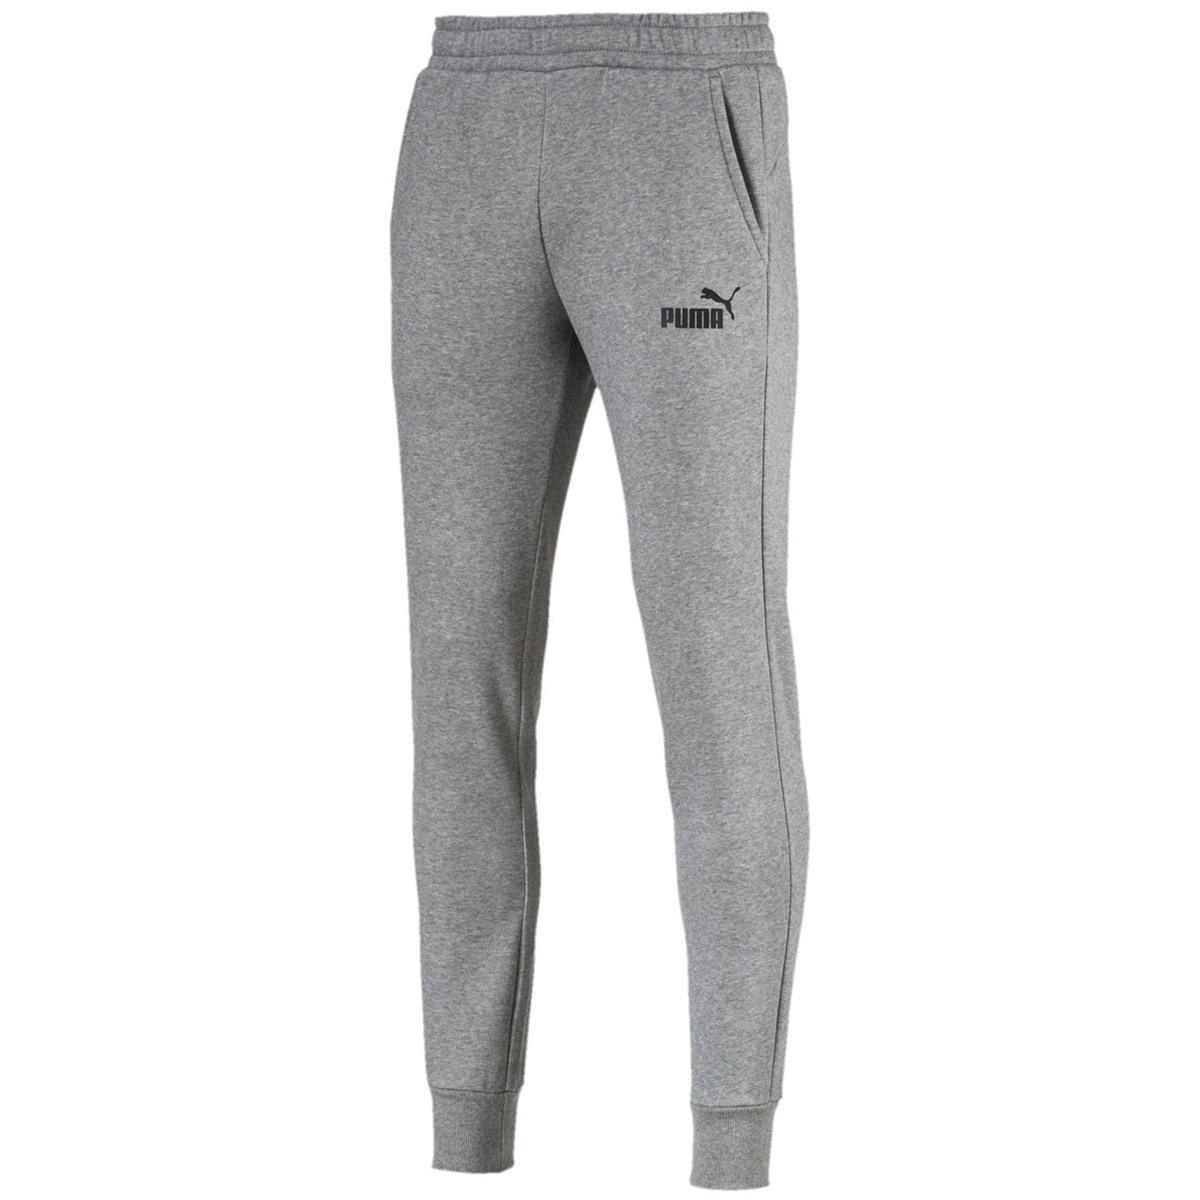 Puma Men's Essentials Fleece Jogger Pants - Black, XXL